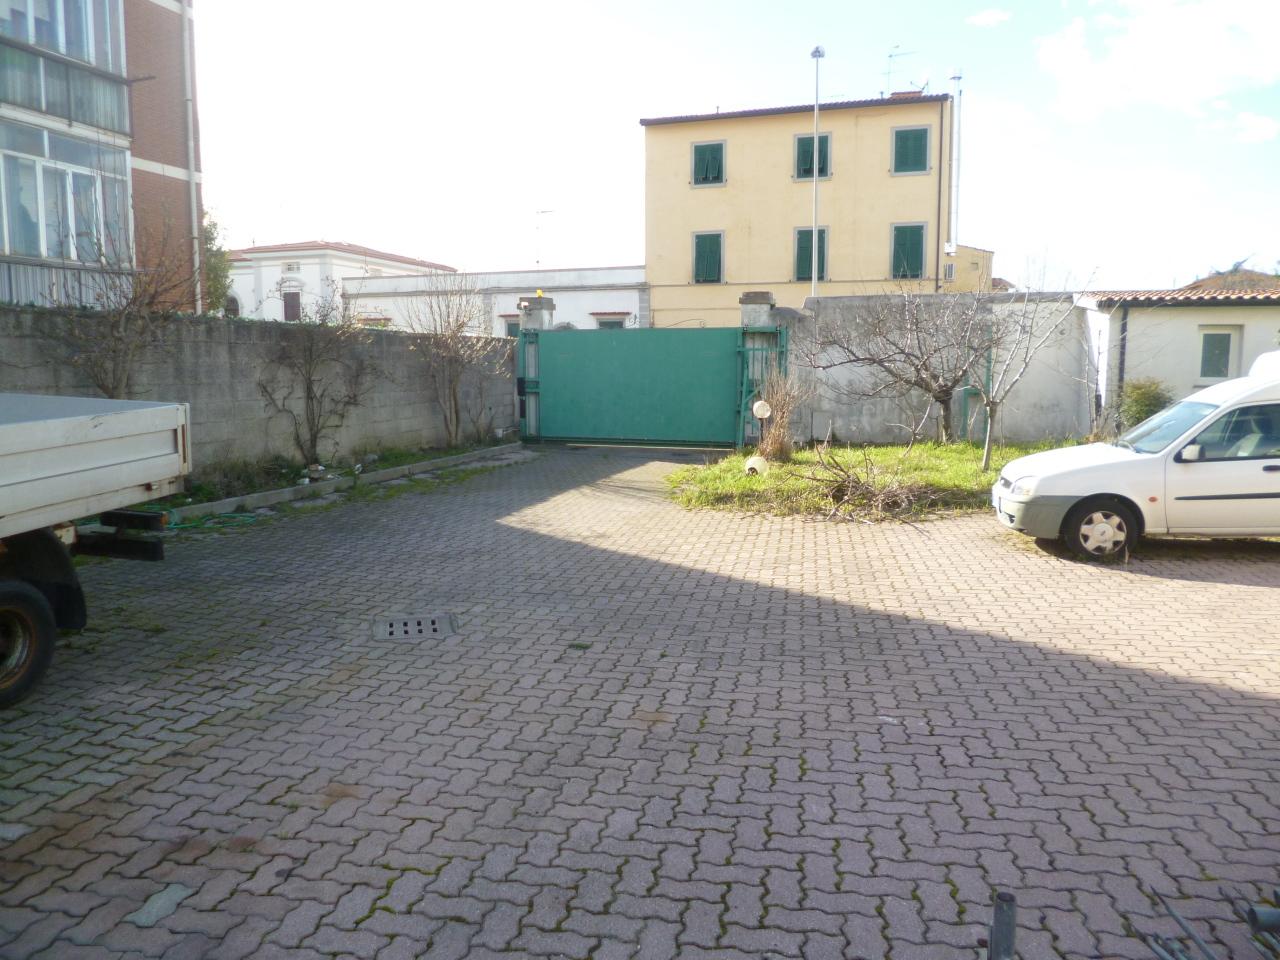 Capannone in vendita a Livorno, 9999 locali, prezzo € 220.000 | Cambio Casa.it